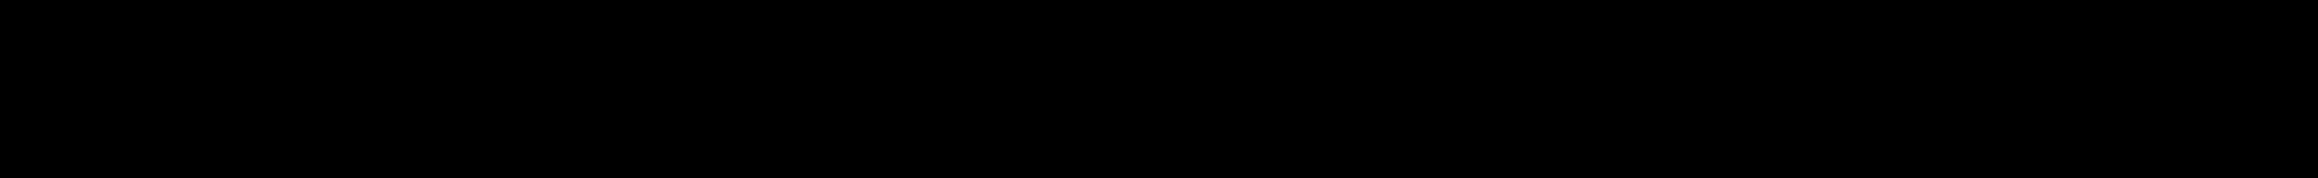 N-Fmoc-4,7,10-trioxa-1,13-tridecanediamine